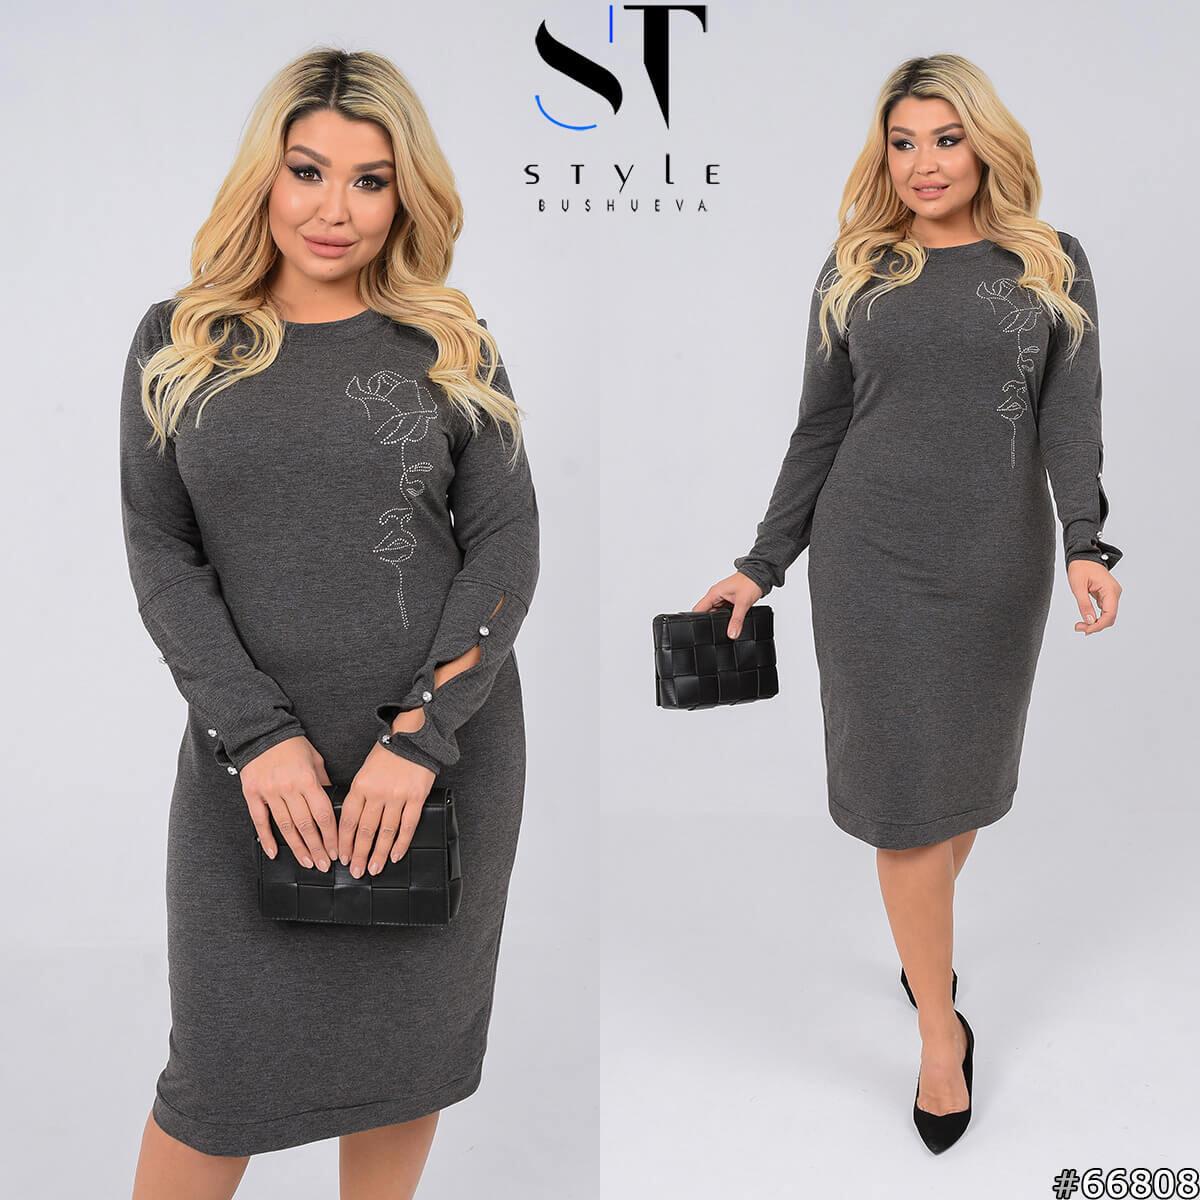 Элегантное трикотажное платье из нашей новой коллекции размер: 50-52, 54-56, 58-60, 62-64